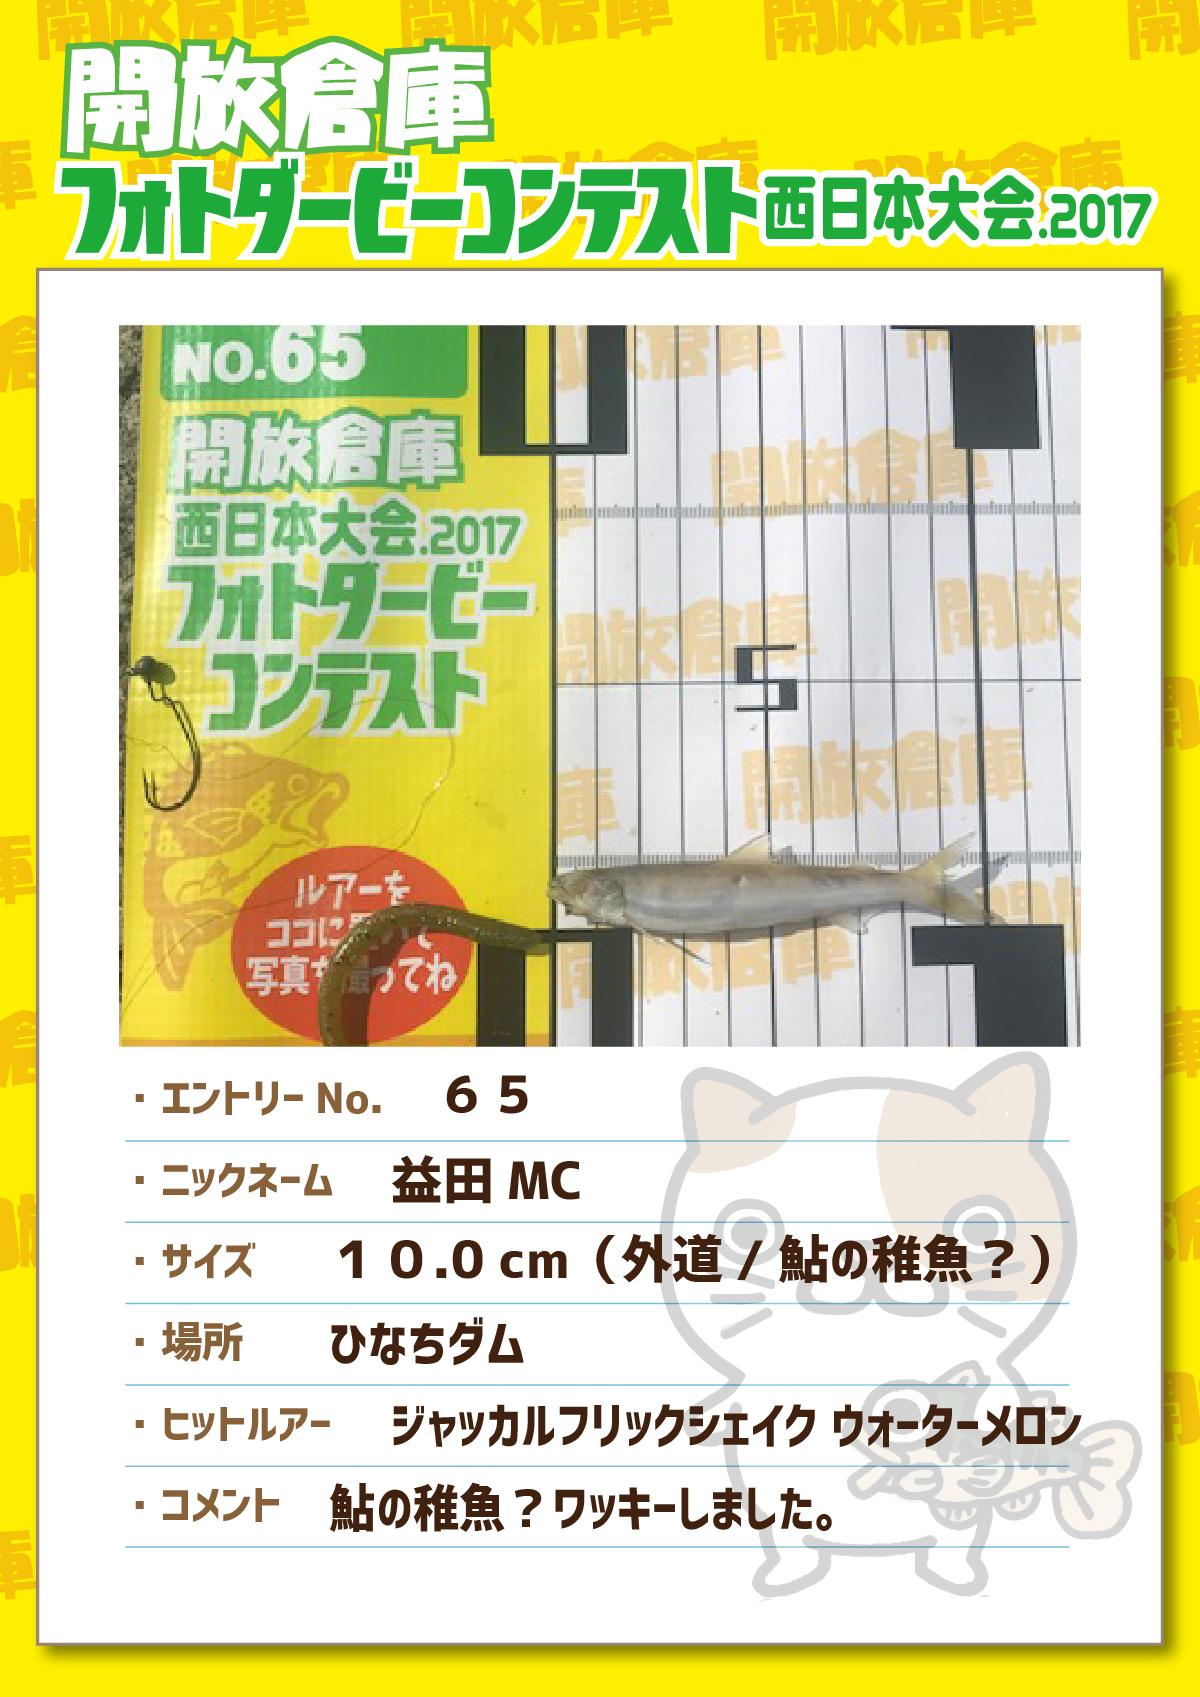 No.065 益田MC 10.0cm ひなちダム ジャッカルフリックシェイクウォーターメロン 鮎の稚魚?ワッキーしました。